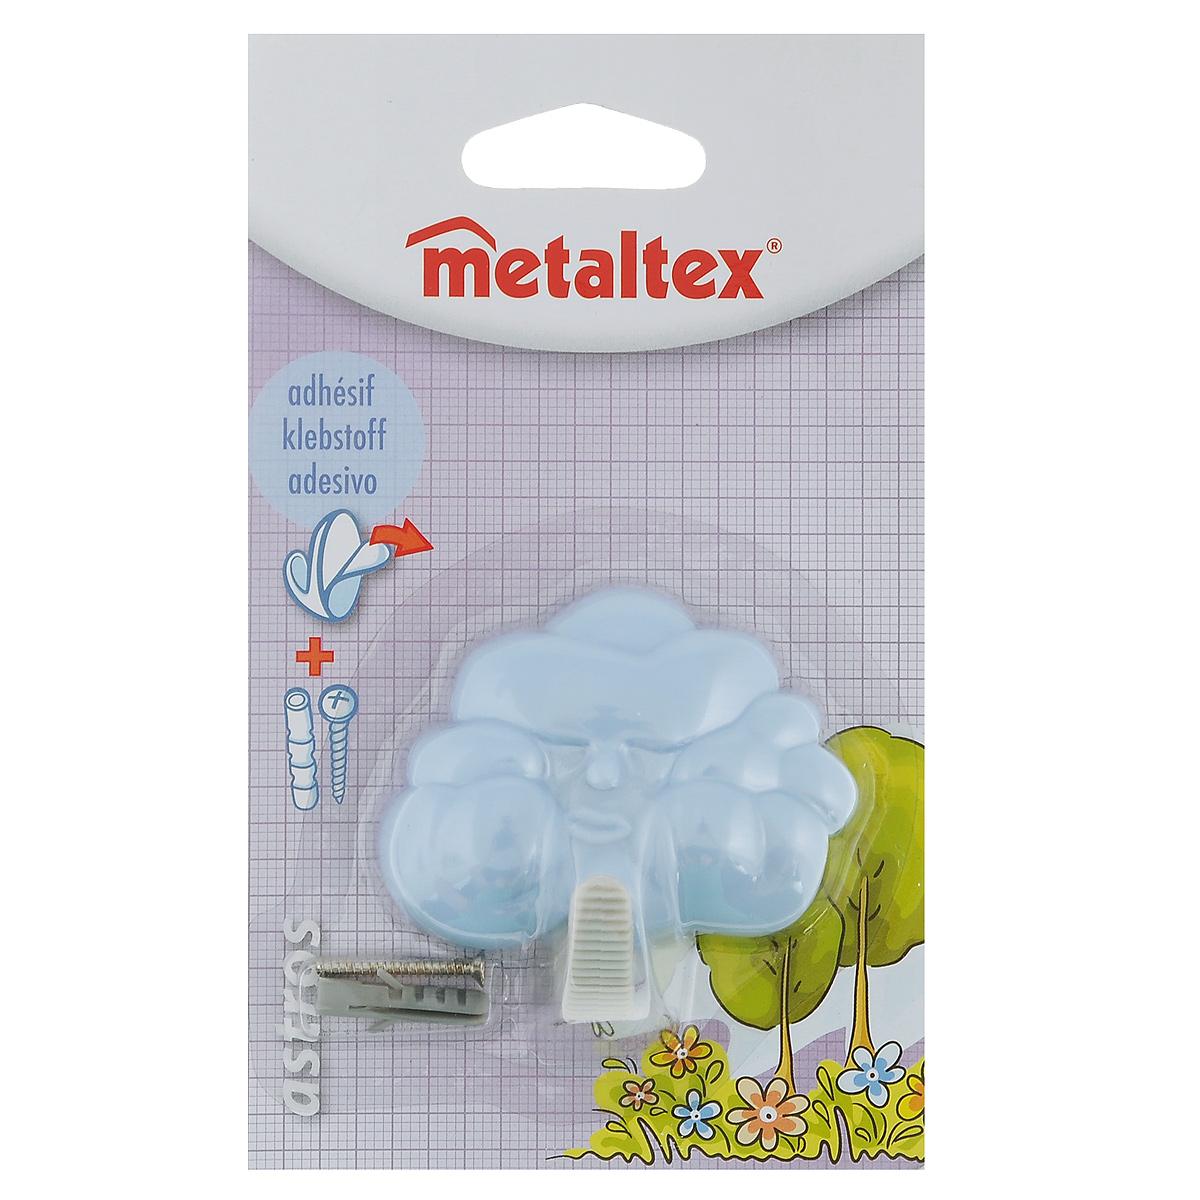 Крючок настенный Metaltex Astros, цвет: голубой40327Настенный крючок Metaltex Astros изготовлен из высококачественного цветного пластика в виде тучки. Он прекрасно подойдет для вашей ванной комнаты или кухни и не займет много места, надежно выдержав все, что вы на него повесите. Крючок крепится на стену с помощью липкой ленты, которая находится на задней стороне крючка или при помощи шурупа (входит в комплект). Он приклеивается к гладкой, ровной и чистой поверхности. На него можно вешать полотенца или любые другие вещи.